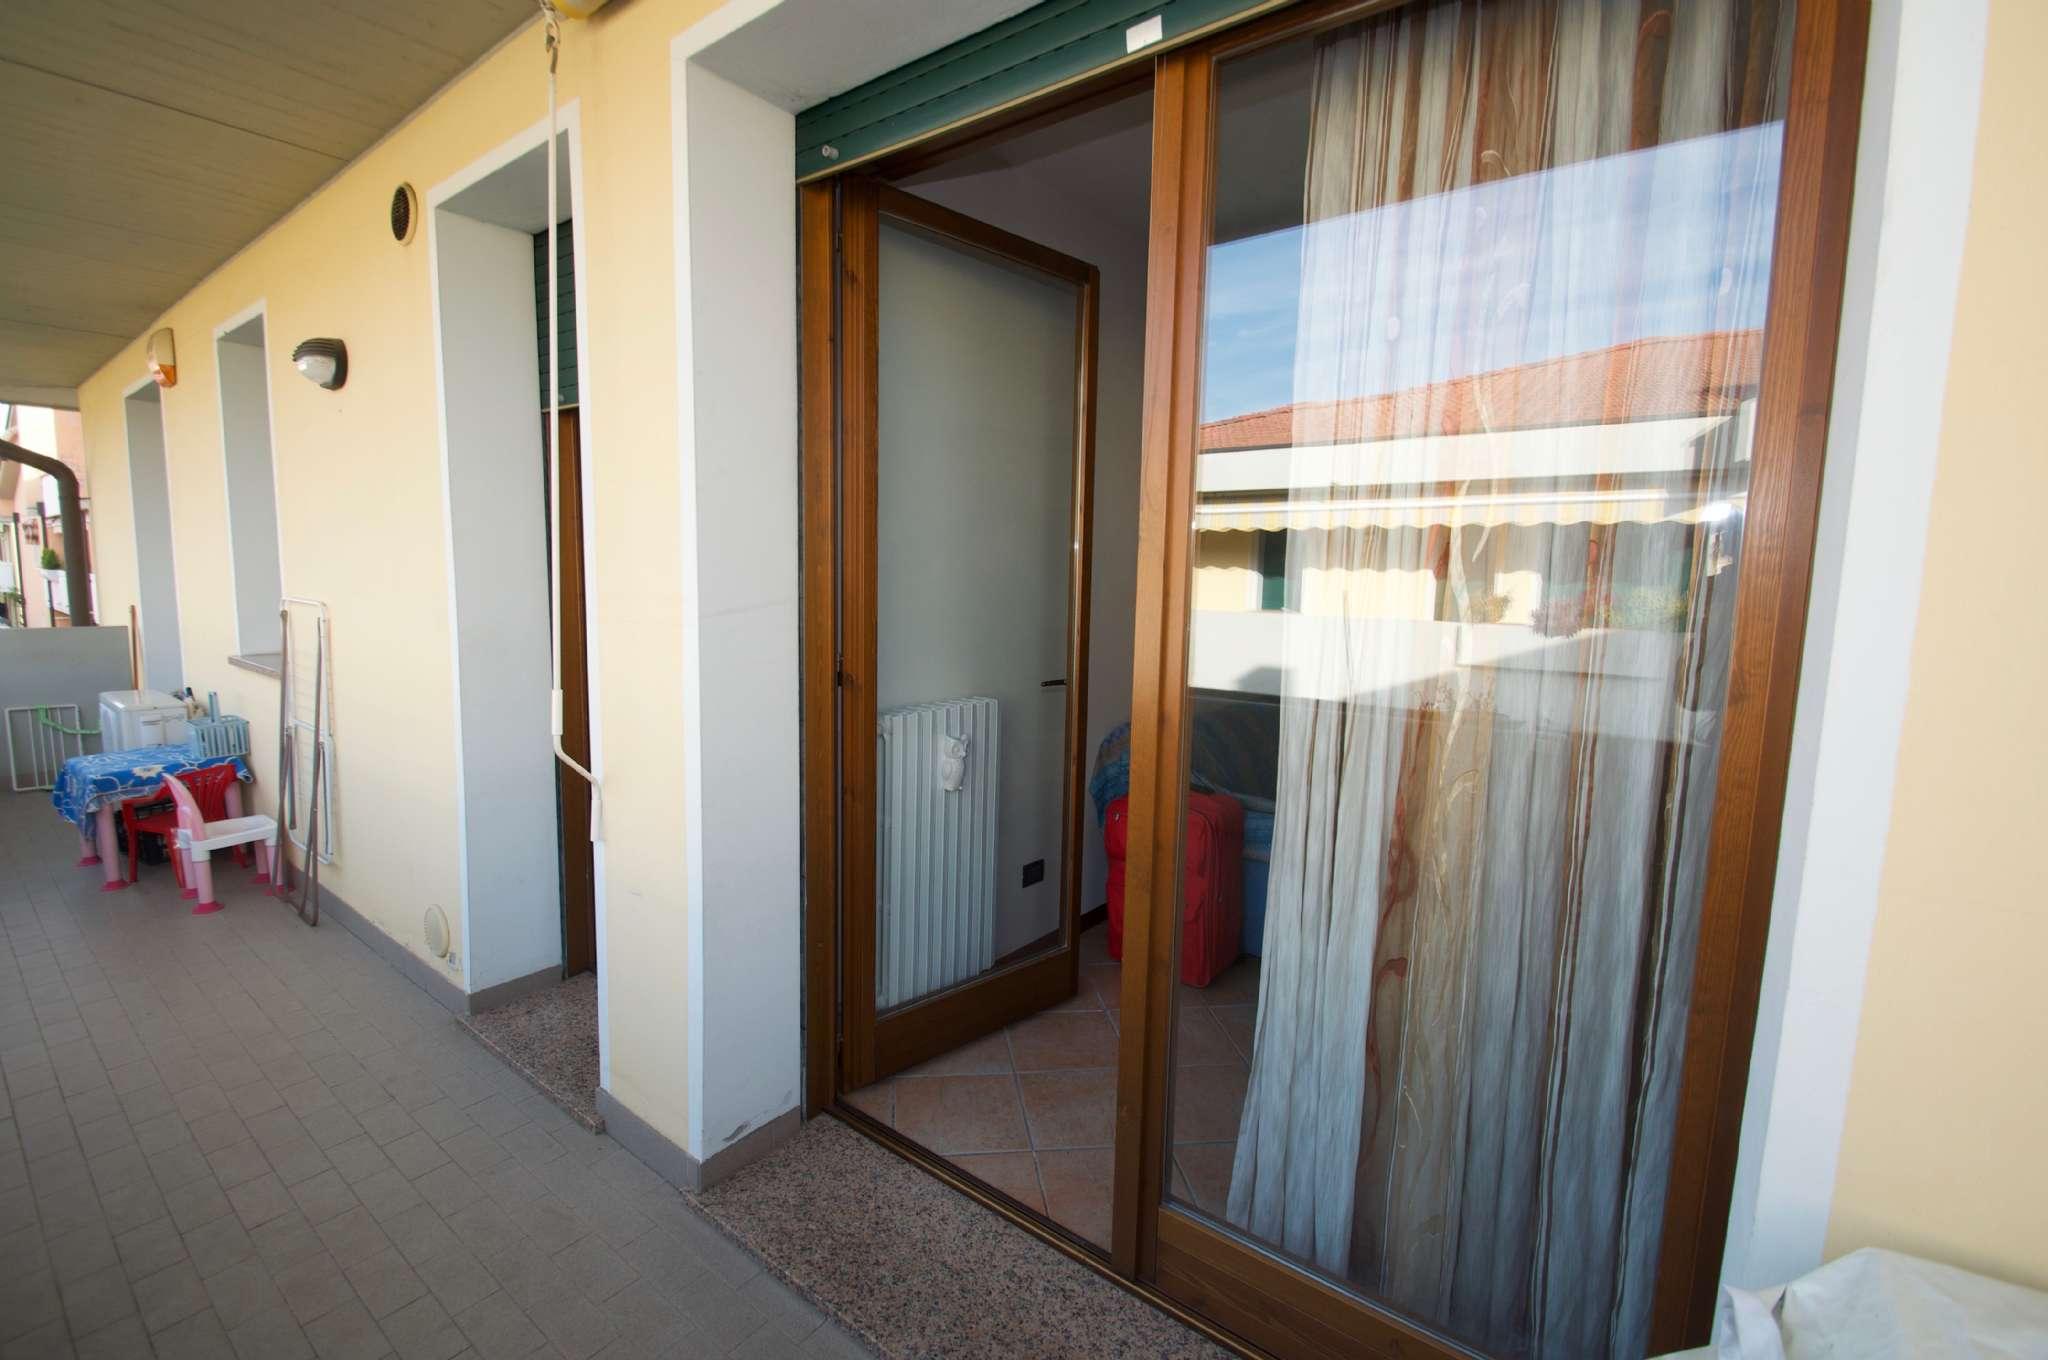 Appartamento in vendita a Maserà di Padova, 4 locali, prezzo € 129.000 | CambioCasa.it